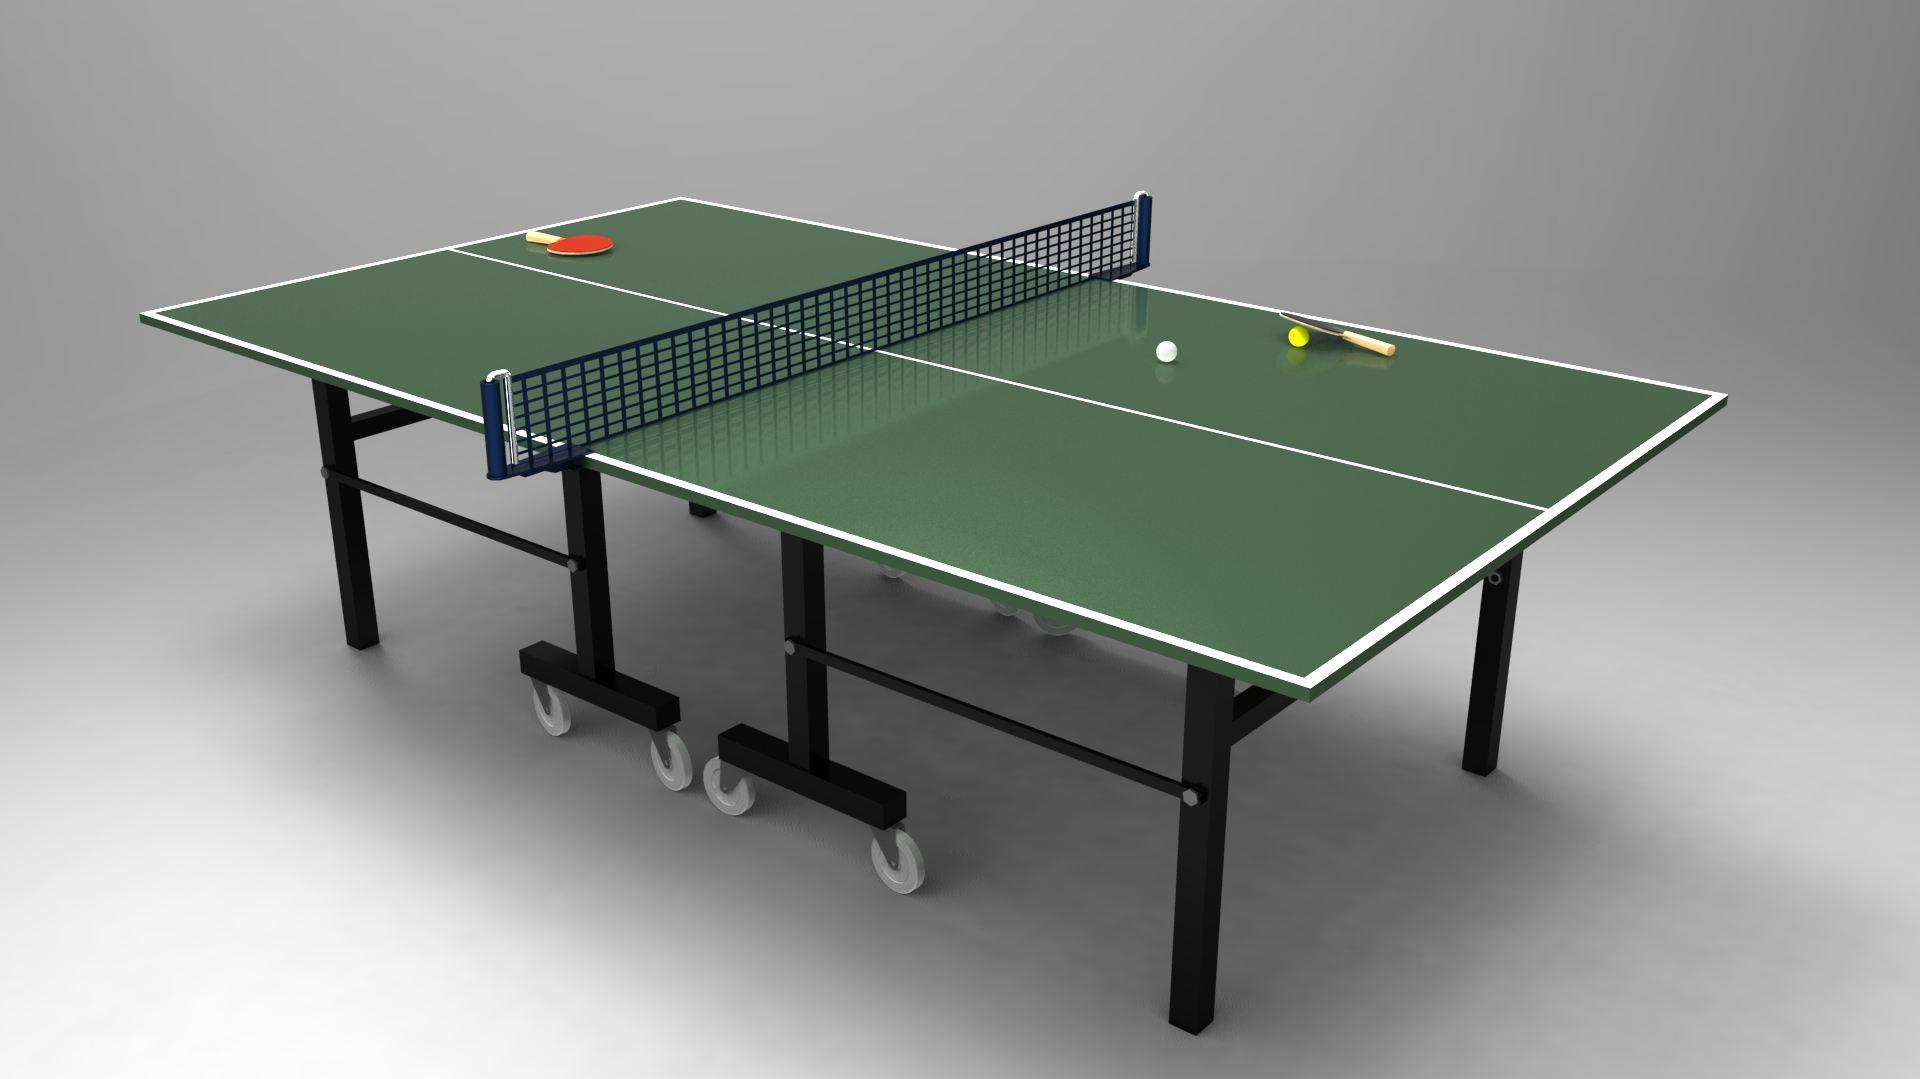 襄阳台球桌厂家分享台球桌的维护保养方法